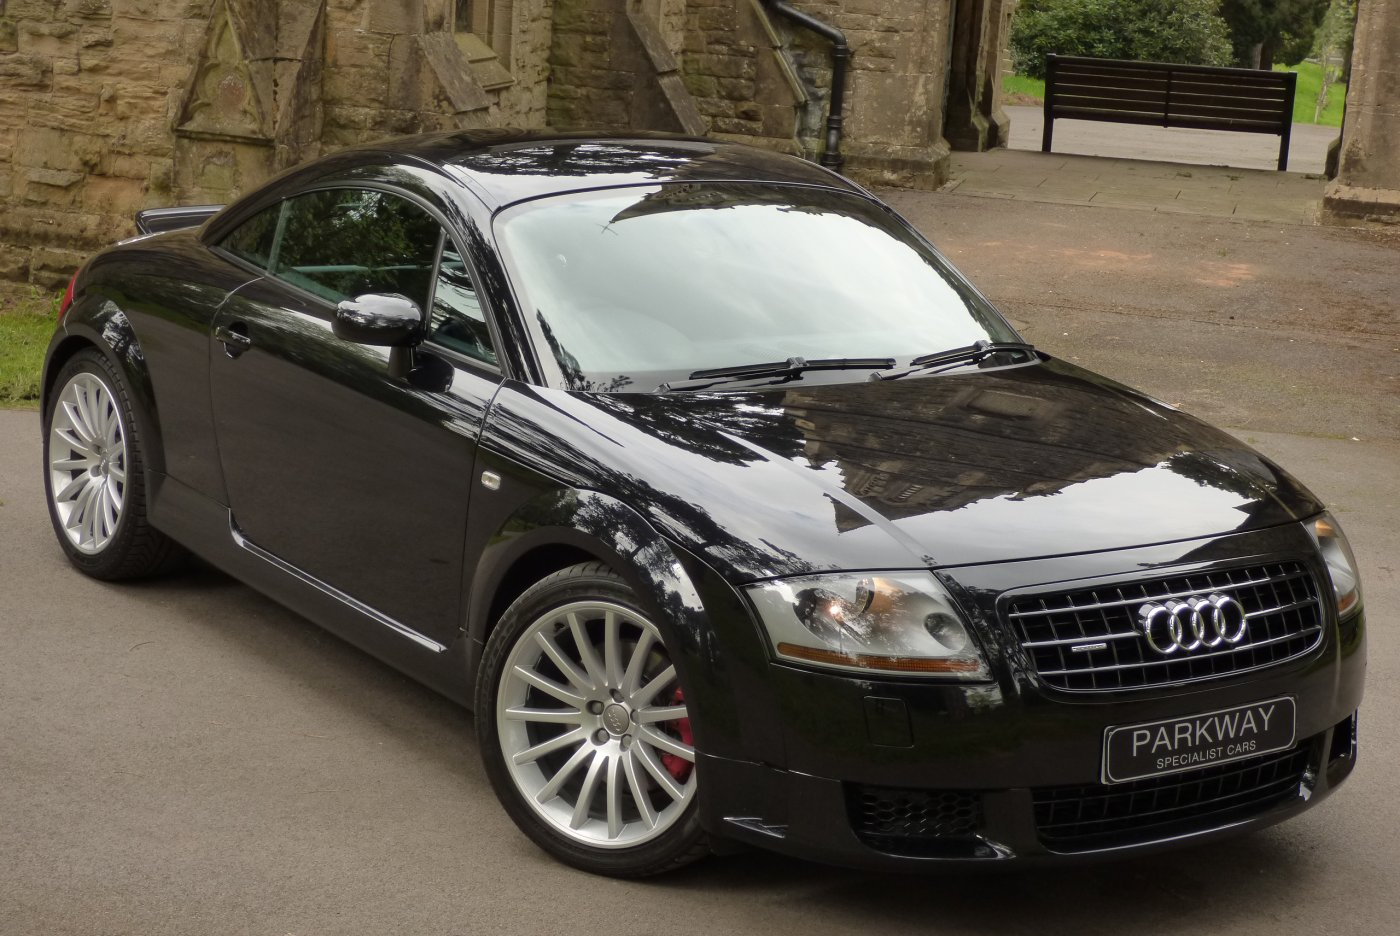 Kelebihan Kekurangan Audi Tt 1.8 Turbo Spesifikasi